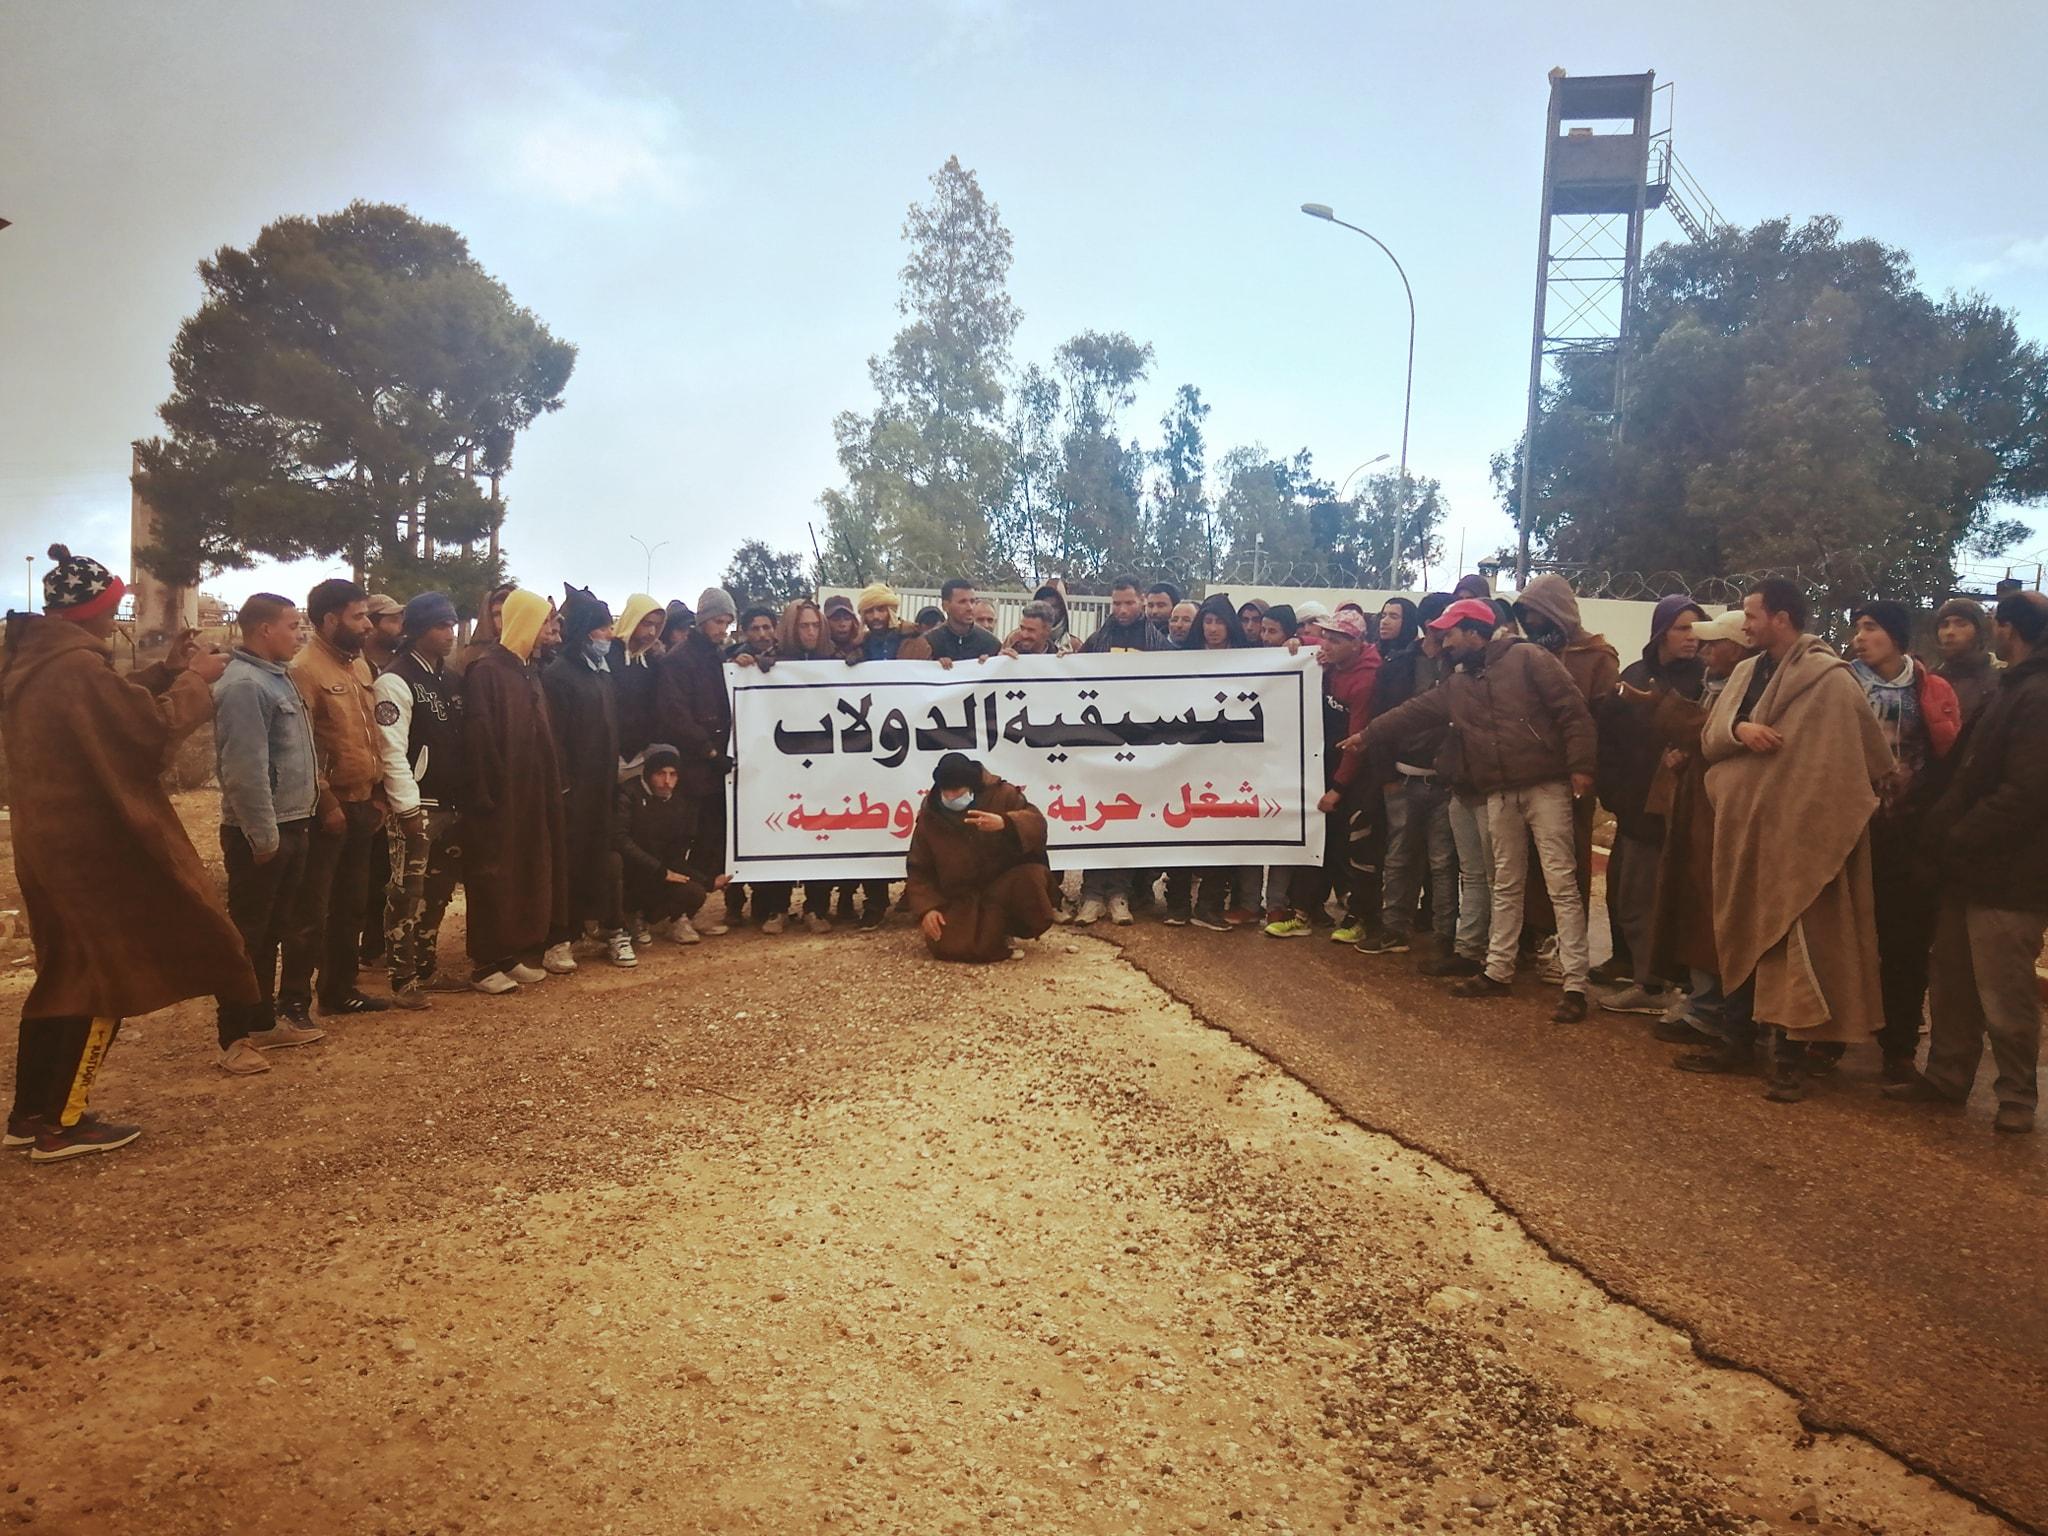 العيون: تواصل إعتصام المعطّلين عن العمل أمام حقل الدولاب النفطي